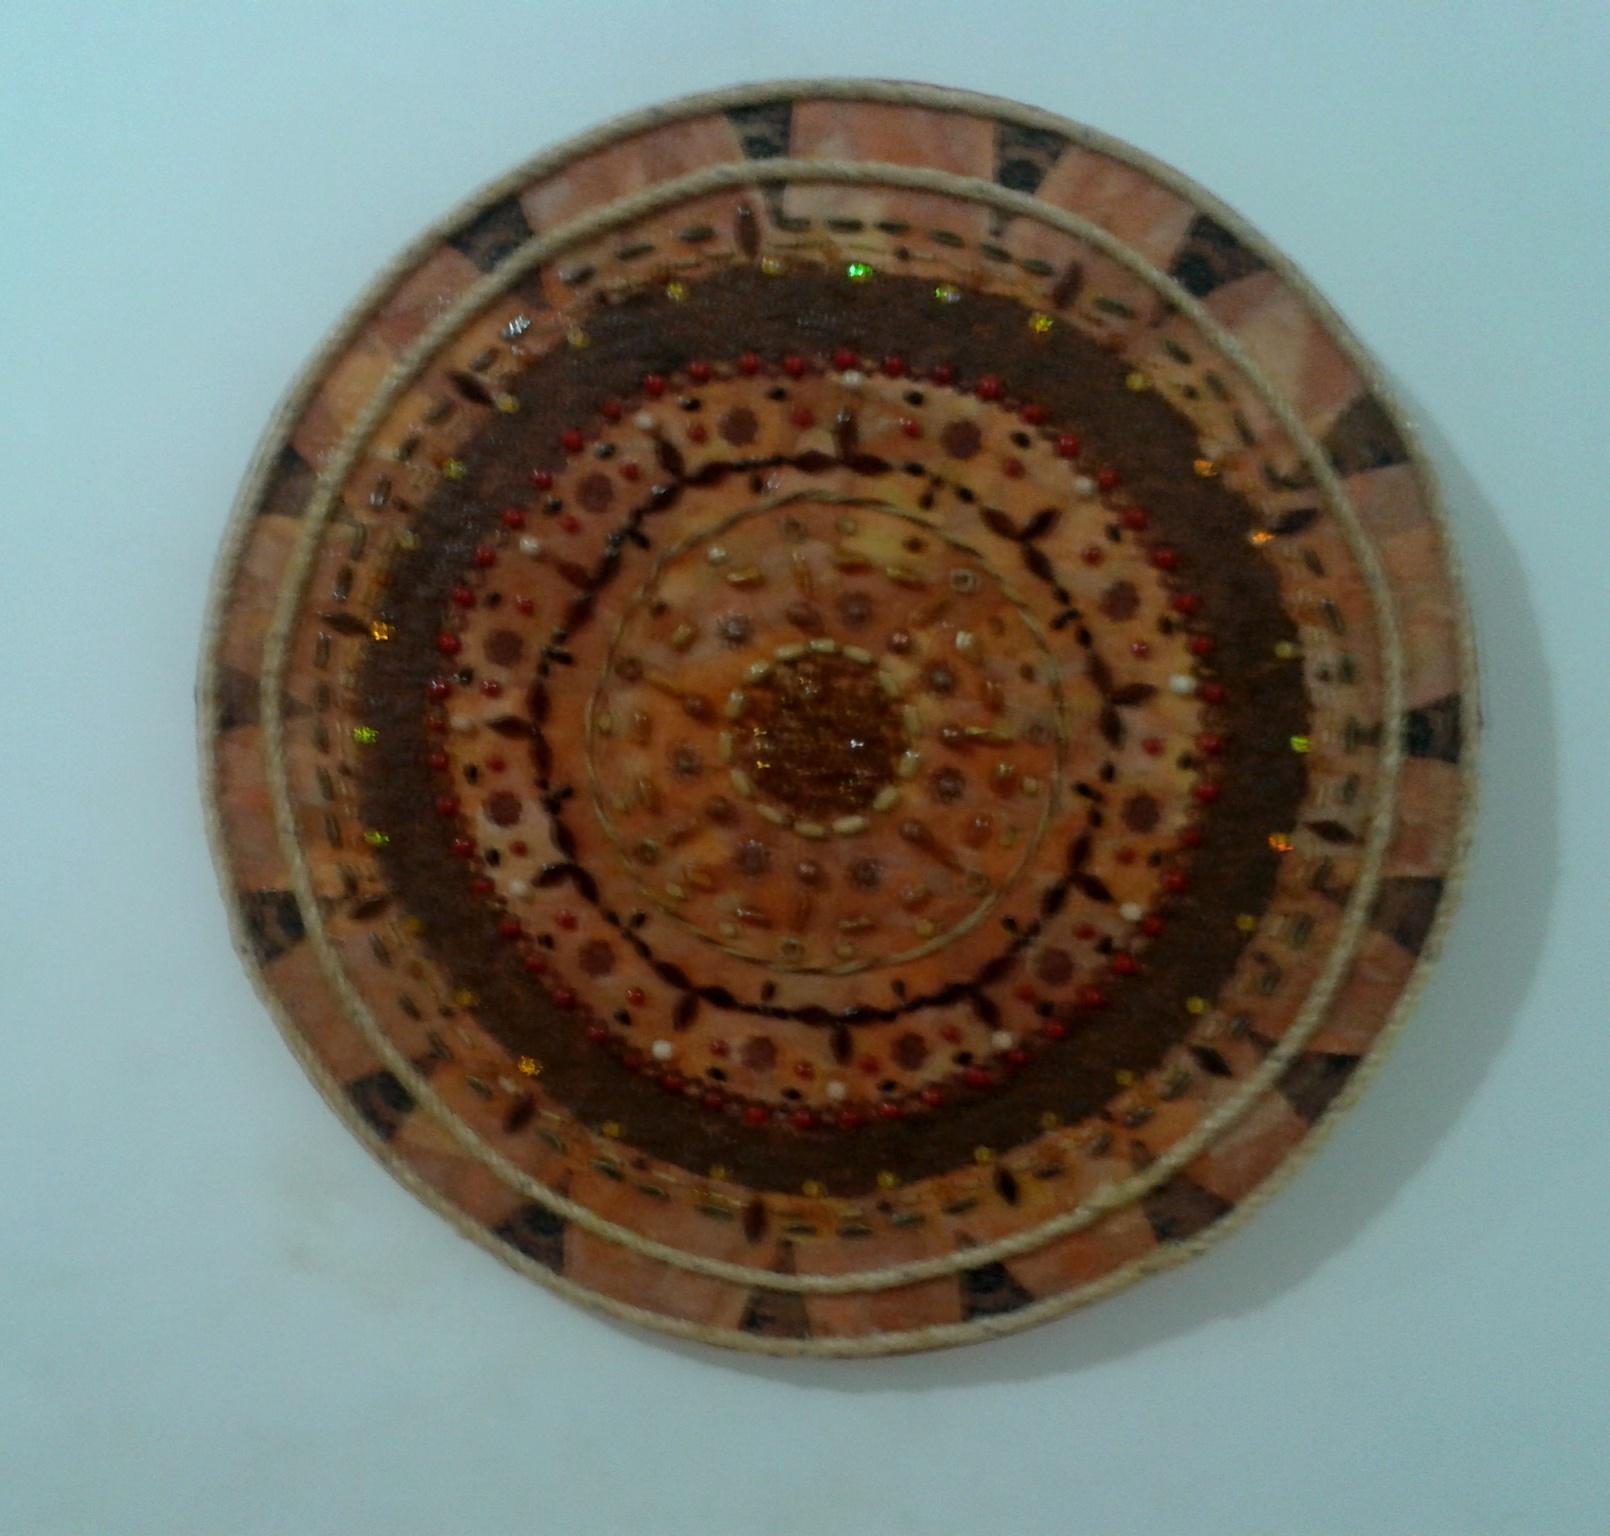 Mandala Rústica Assunção Arte e Decoração Elo7 #01CA41 1610x1536